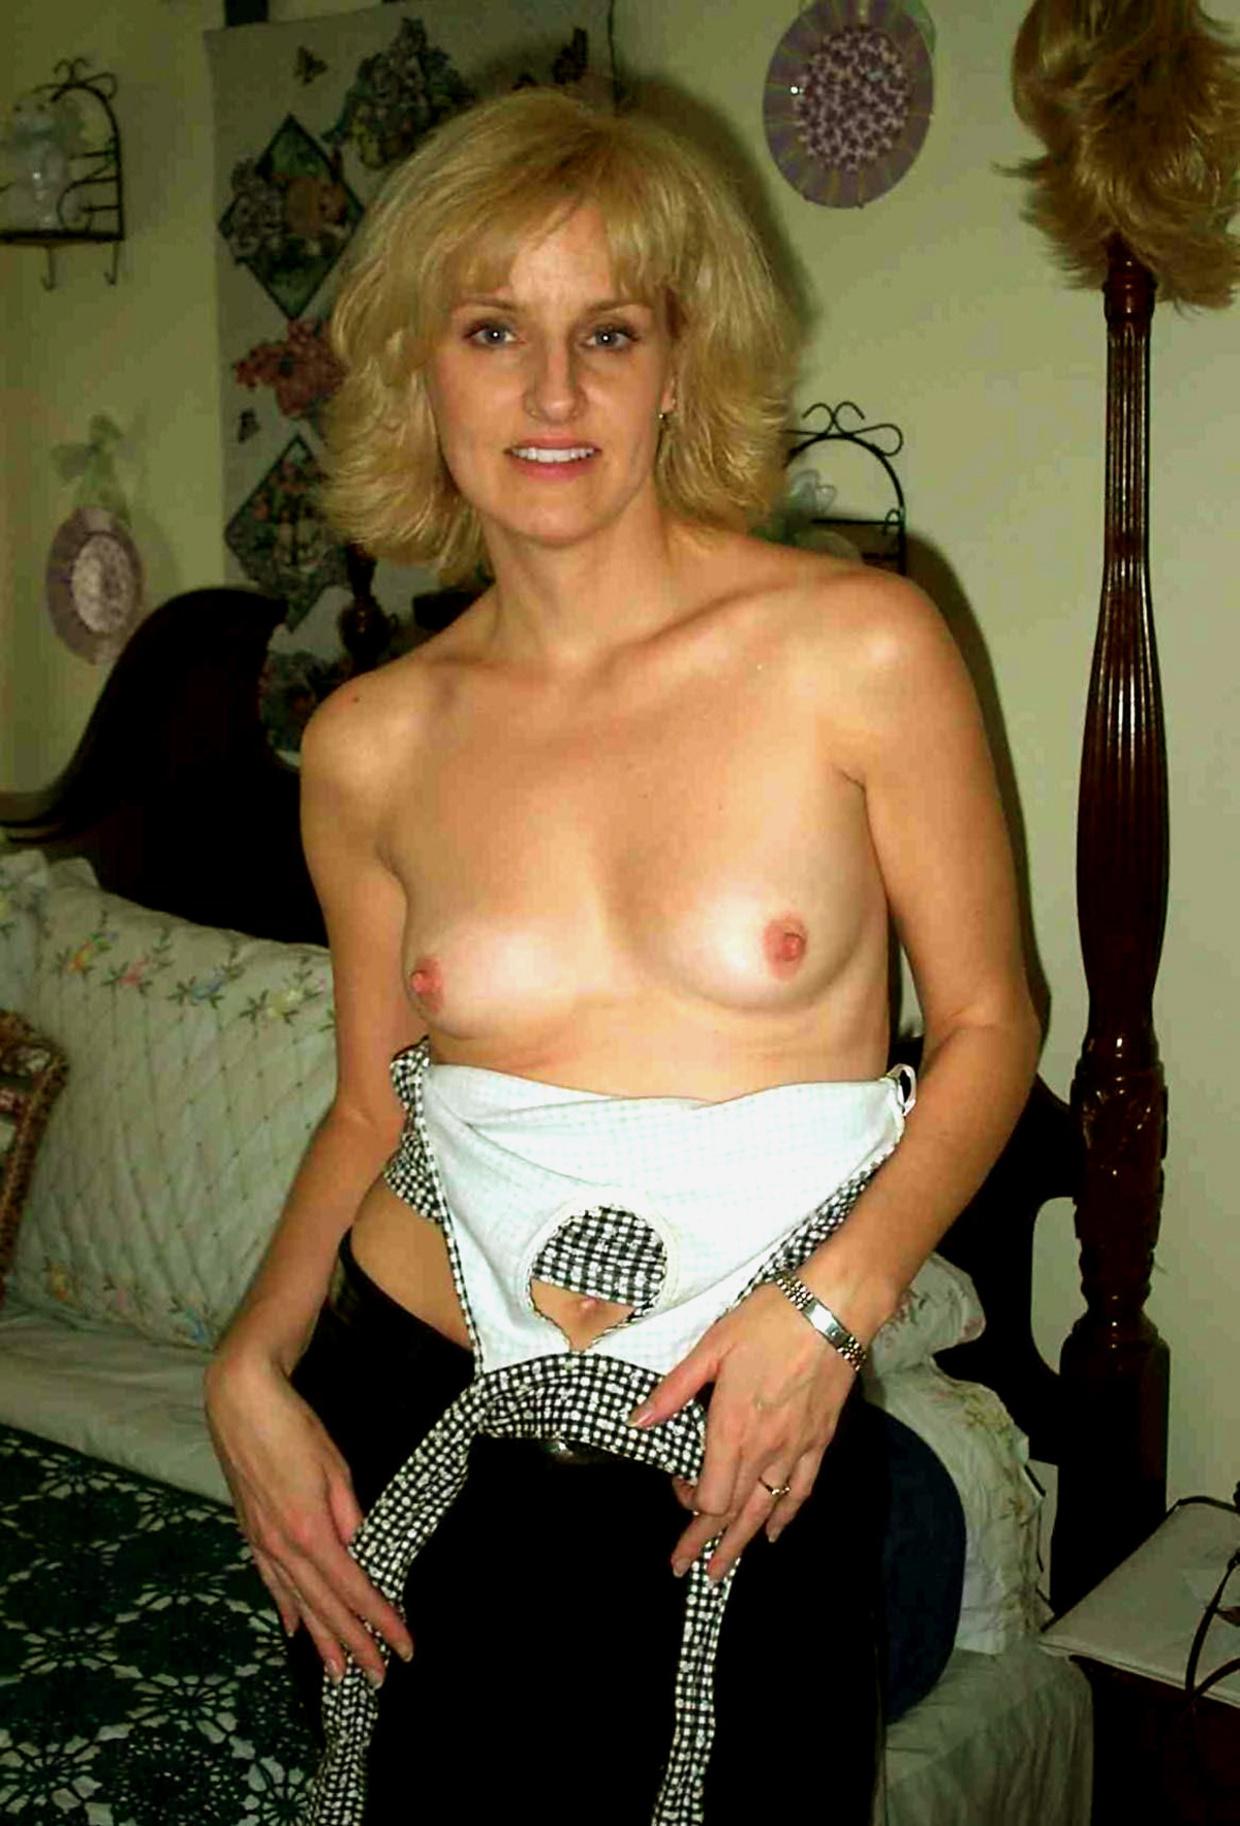 Загорелая зрелка в квартире хвастается грудью и небритой зоной бикини